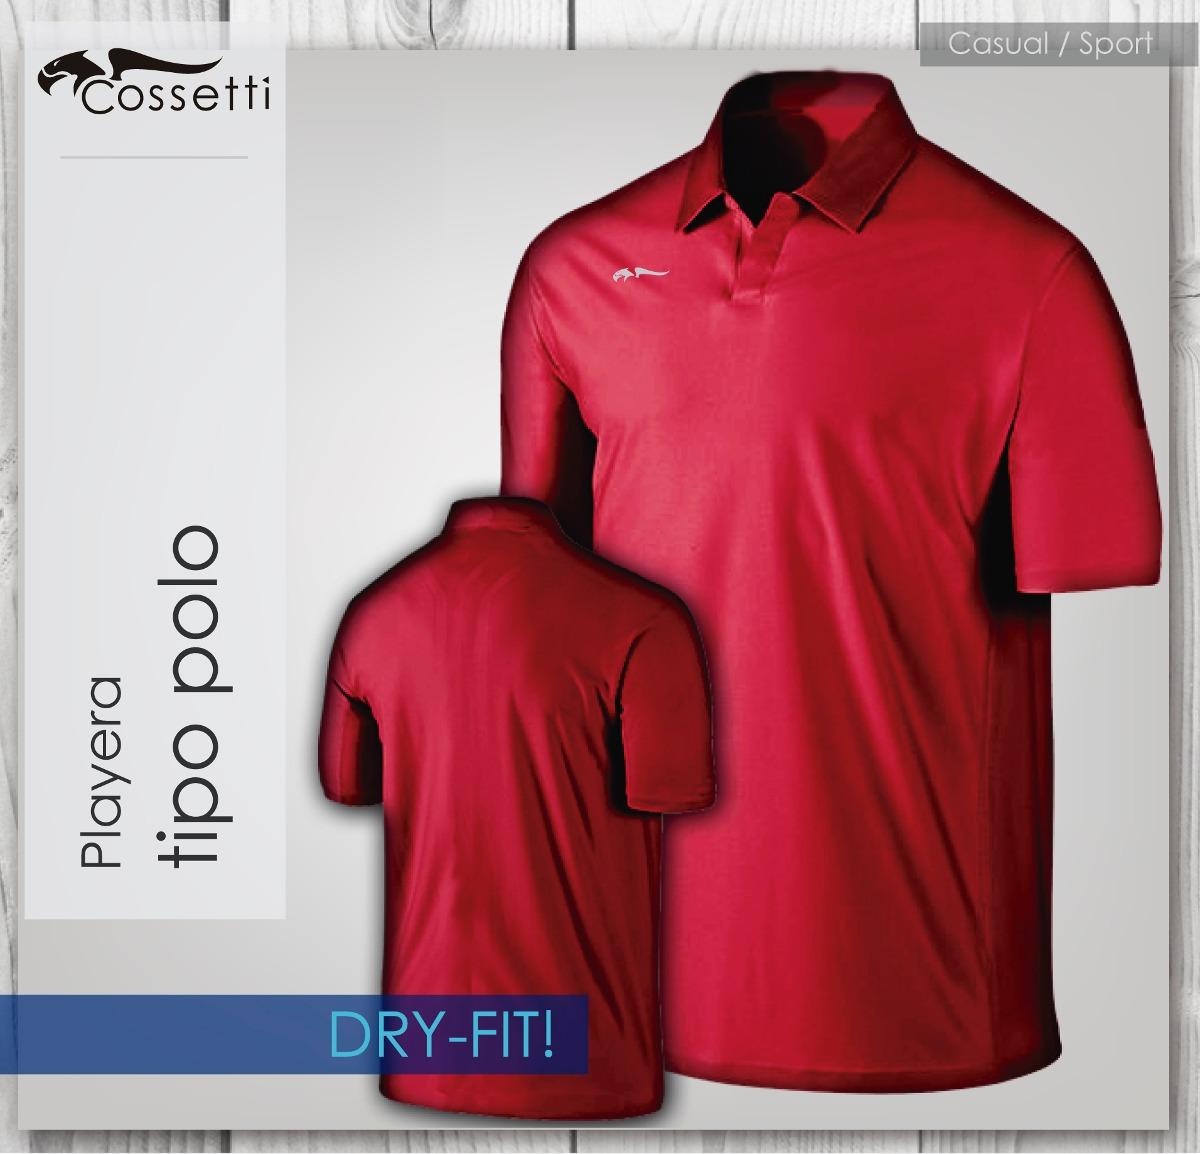 Playera Tipo Polo Dry-fit! De Alta Calidad Nueva Confección ... 1c64ec5e87ff1